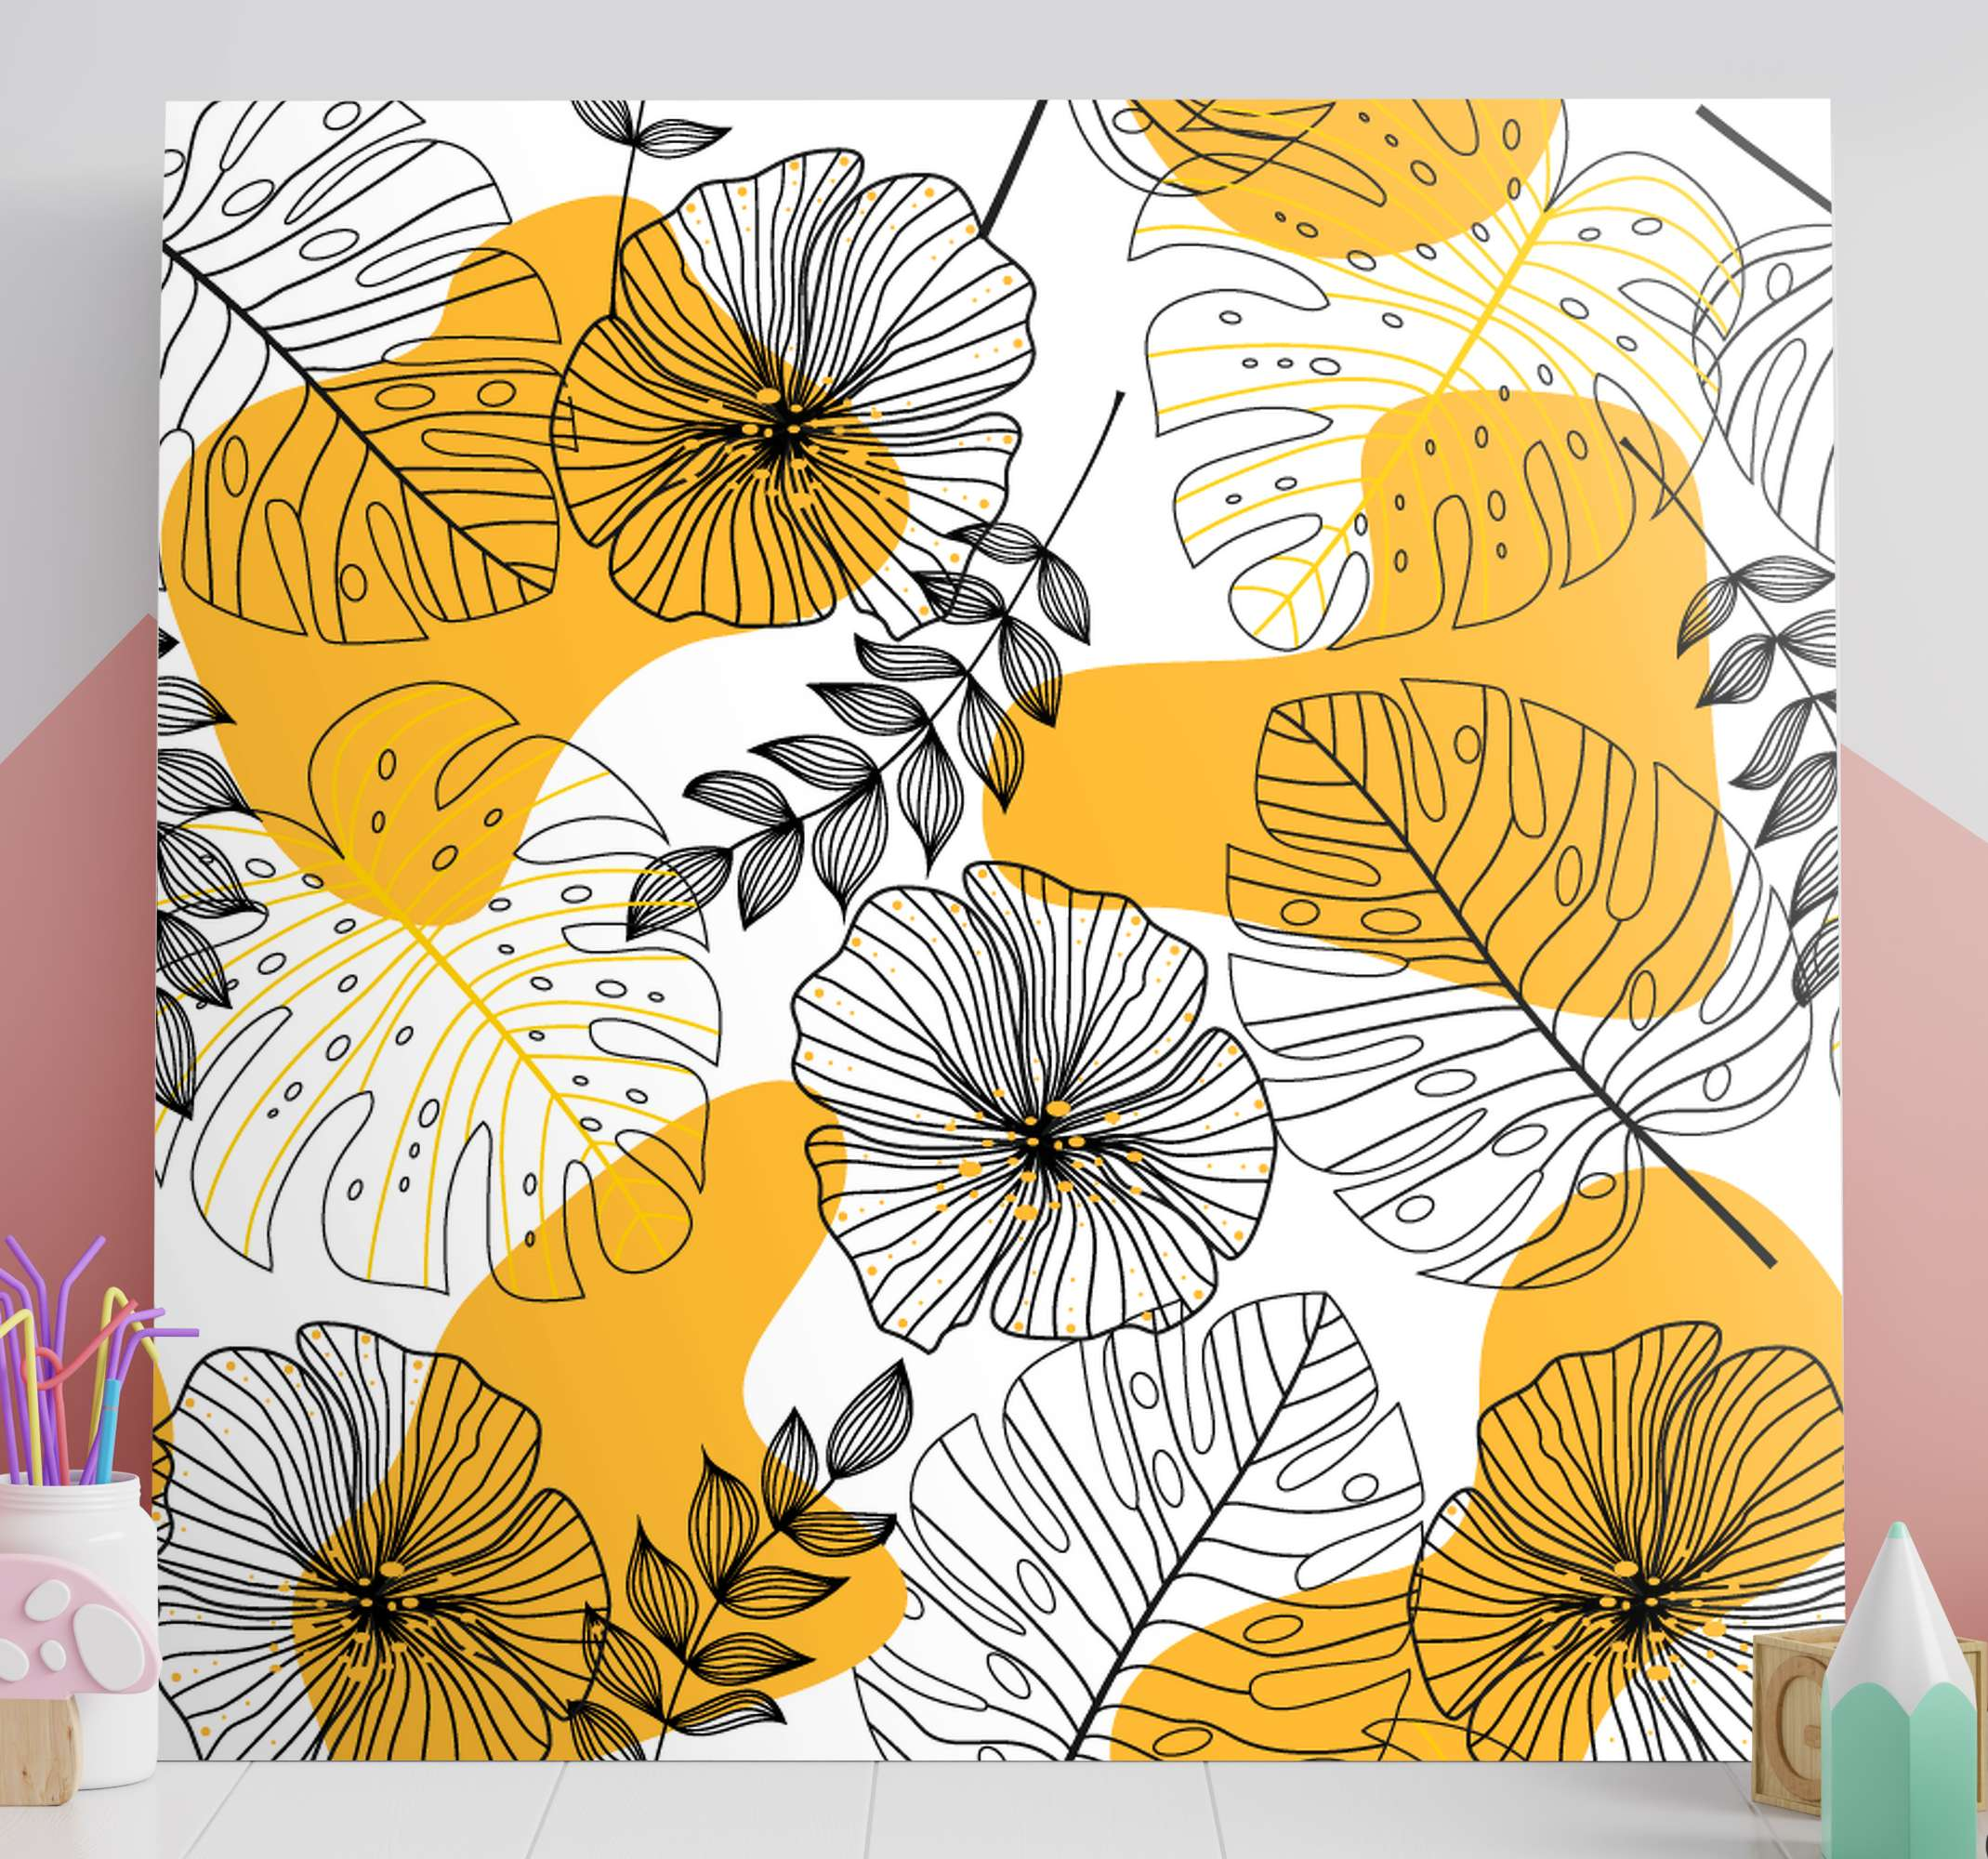 TenStickers. Dipinto nordico Estilo nórdico planta tropicale. Dai uno stile unico alla tua stanza con questa stampa su tela domestica, non ti resta che acquistarla subito e abbellire la tua casa! Consegna a domicilio!